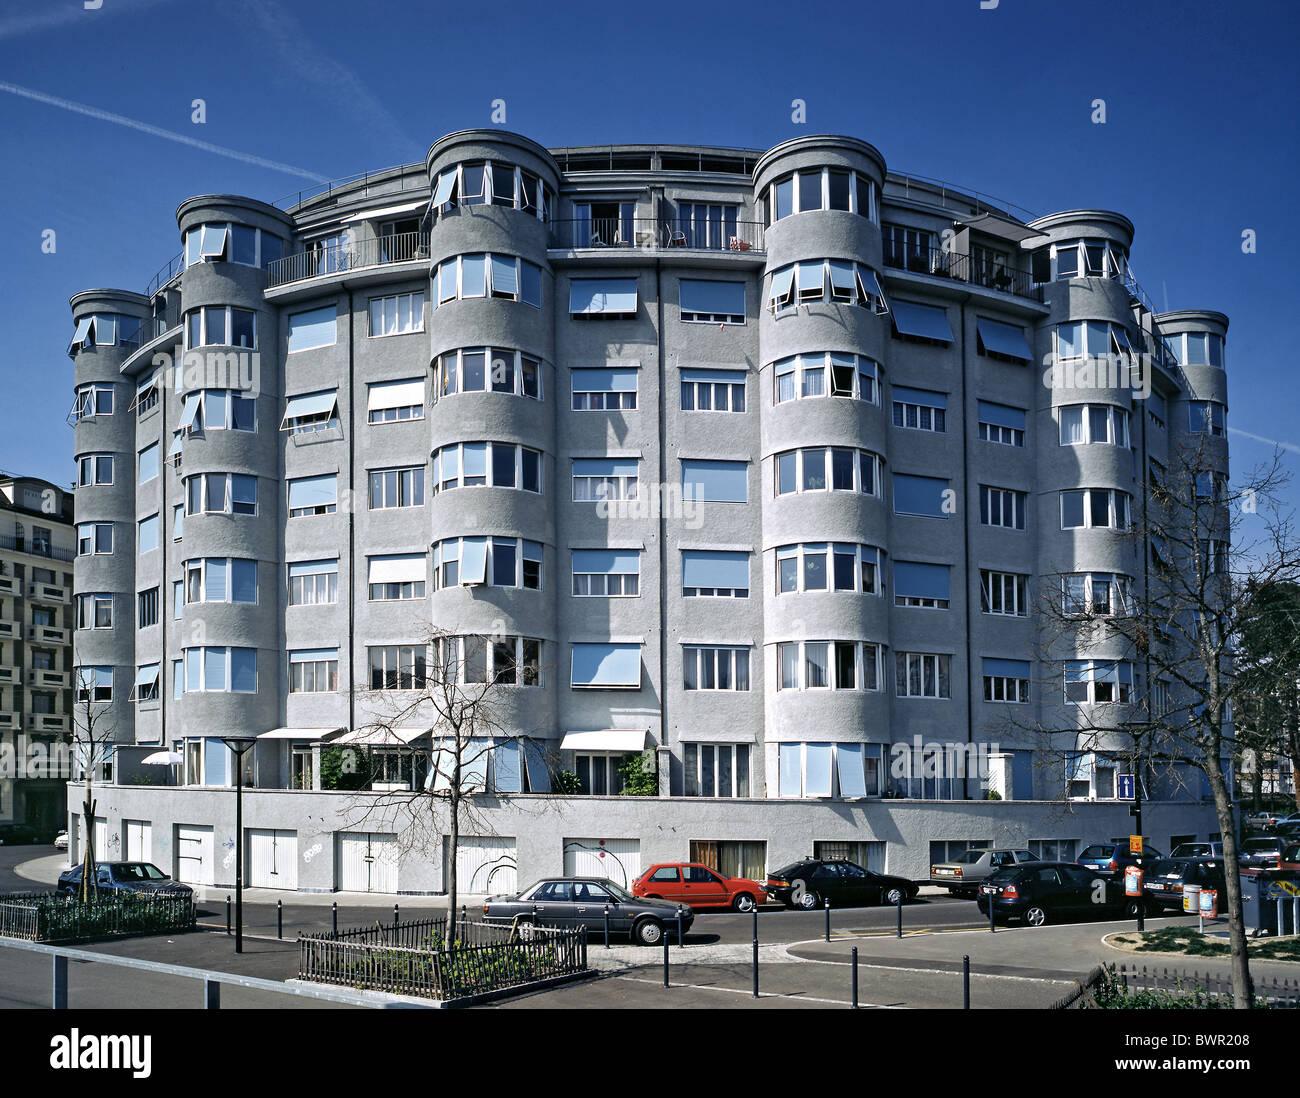 Deco Architektur schweiz europa genf stadt architektur deco 1920 hausbau runden